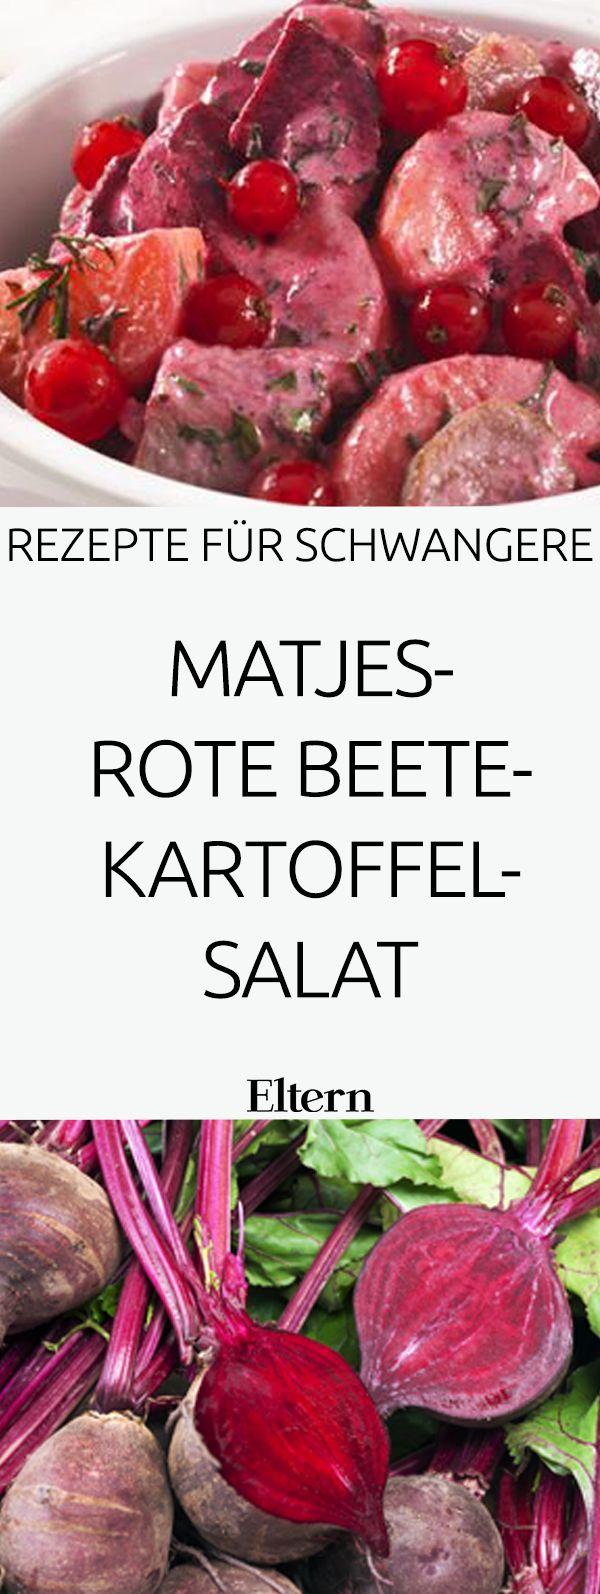 Matjes Schwanger